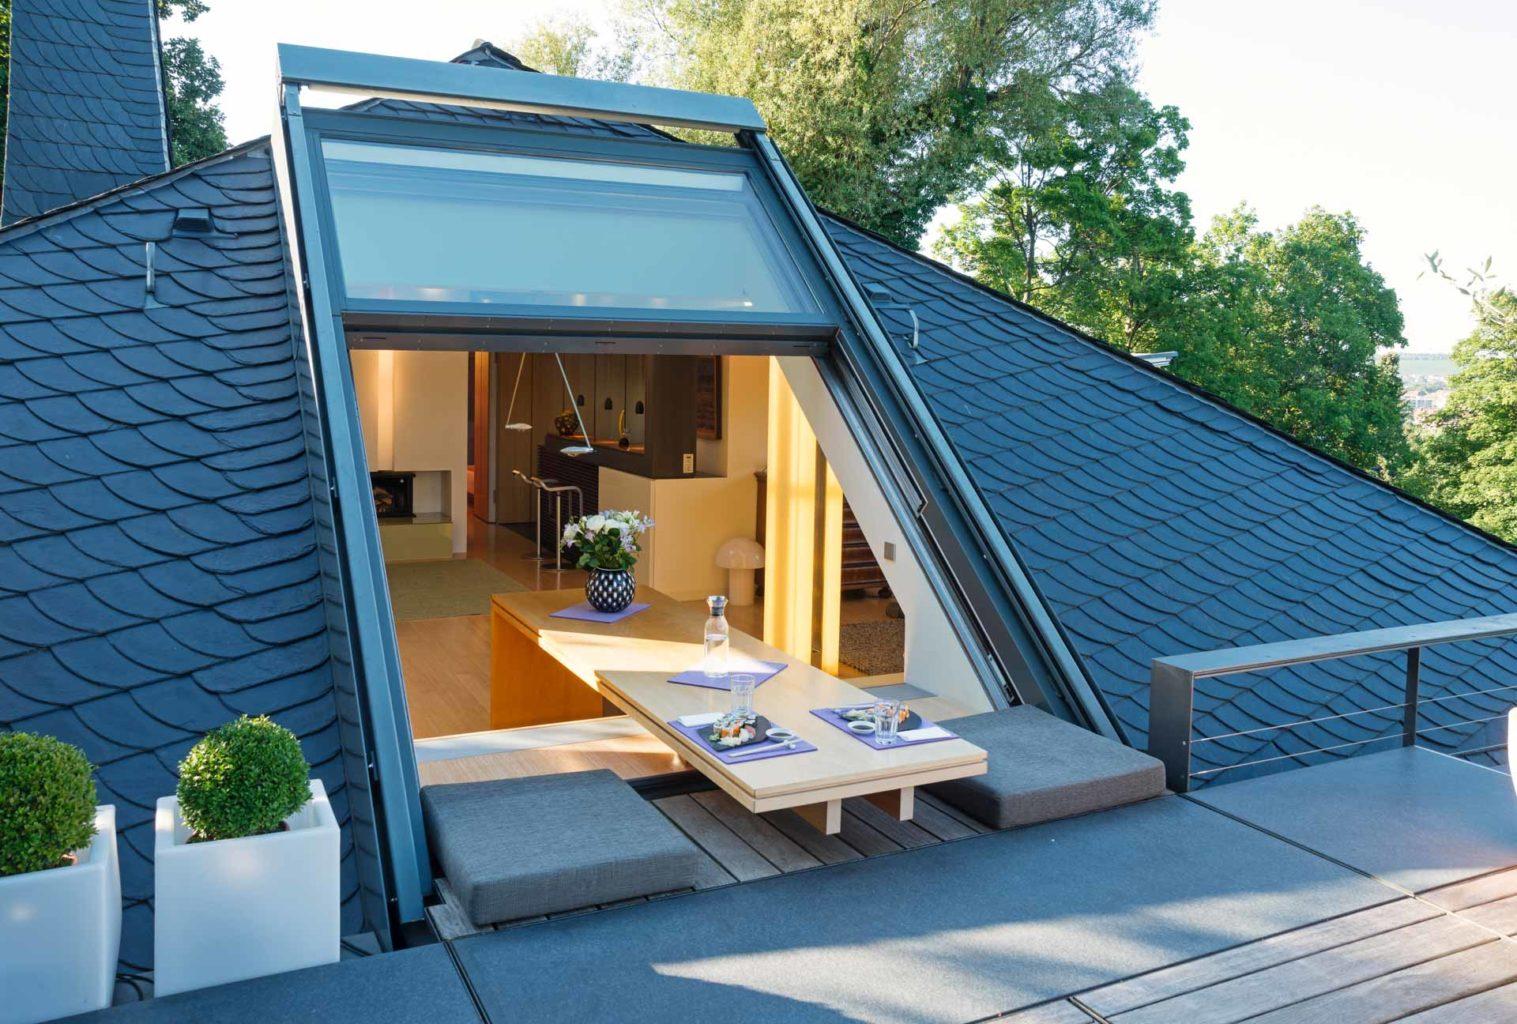 3-teiliges OpenAir-Dachschiebefenster in Würzburg (Objekt 925). Das geöffnete OpenAir-Dachfenster ermöglicht den freien Zugang zur Dachterrasse